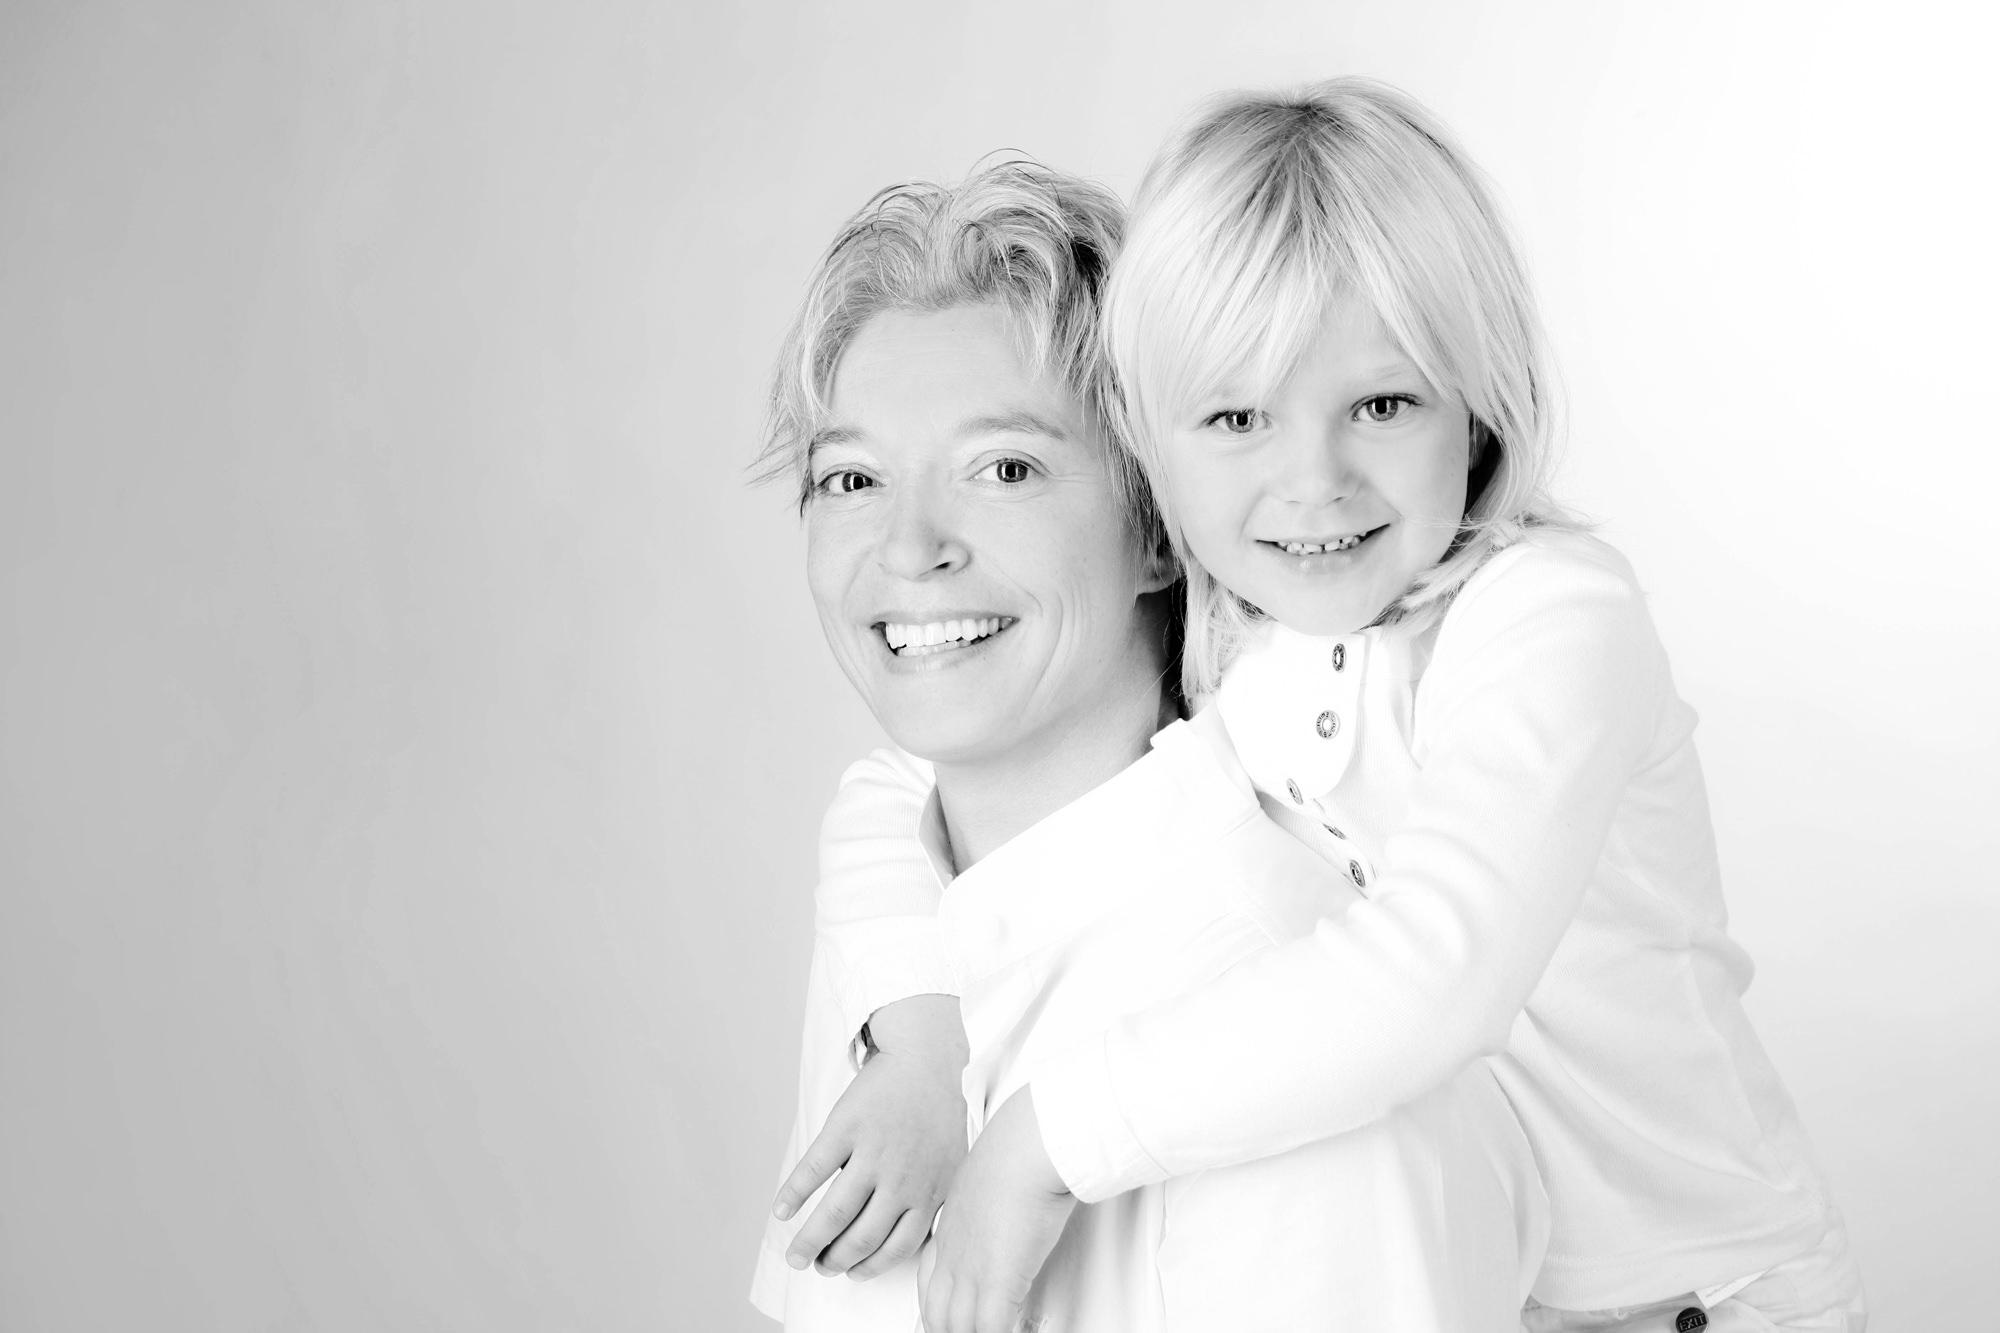 Familienportrait Mutter mit Tochter